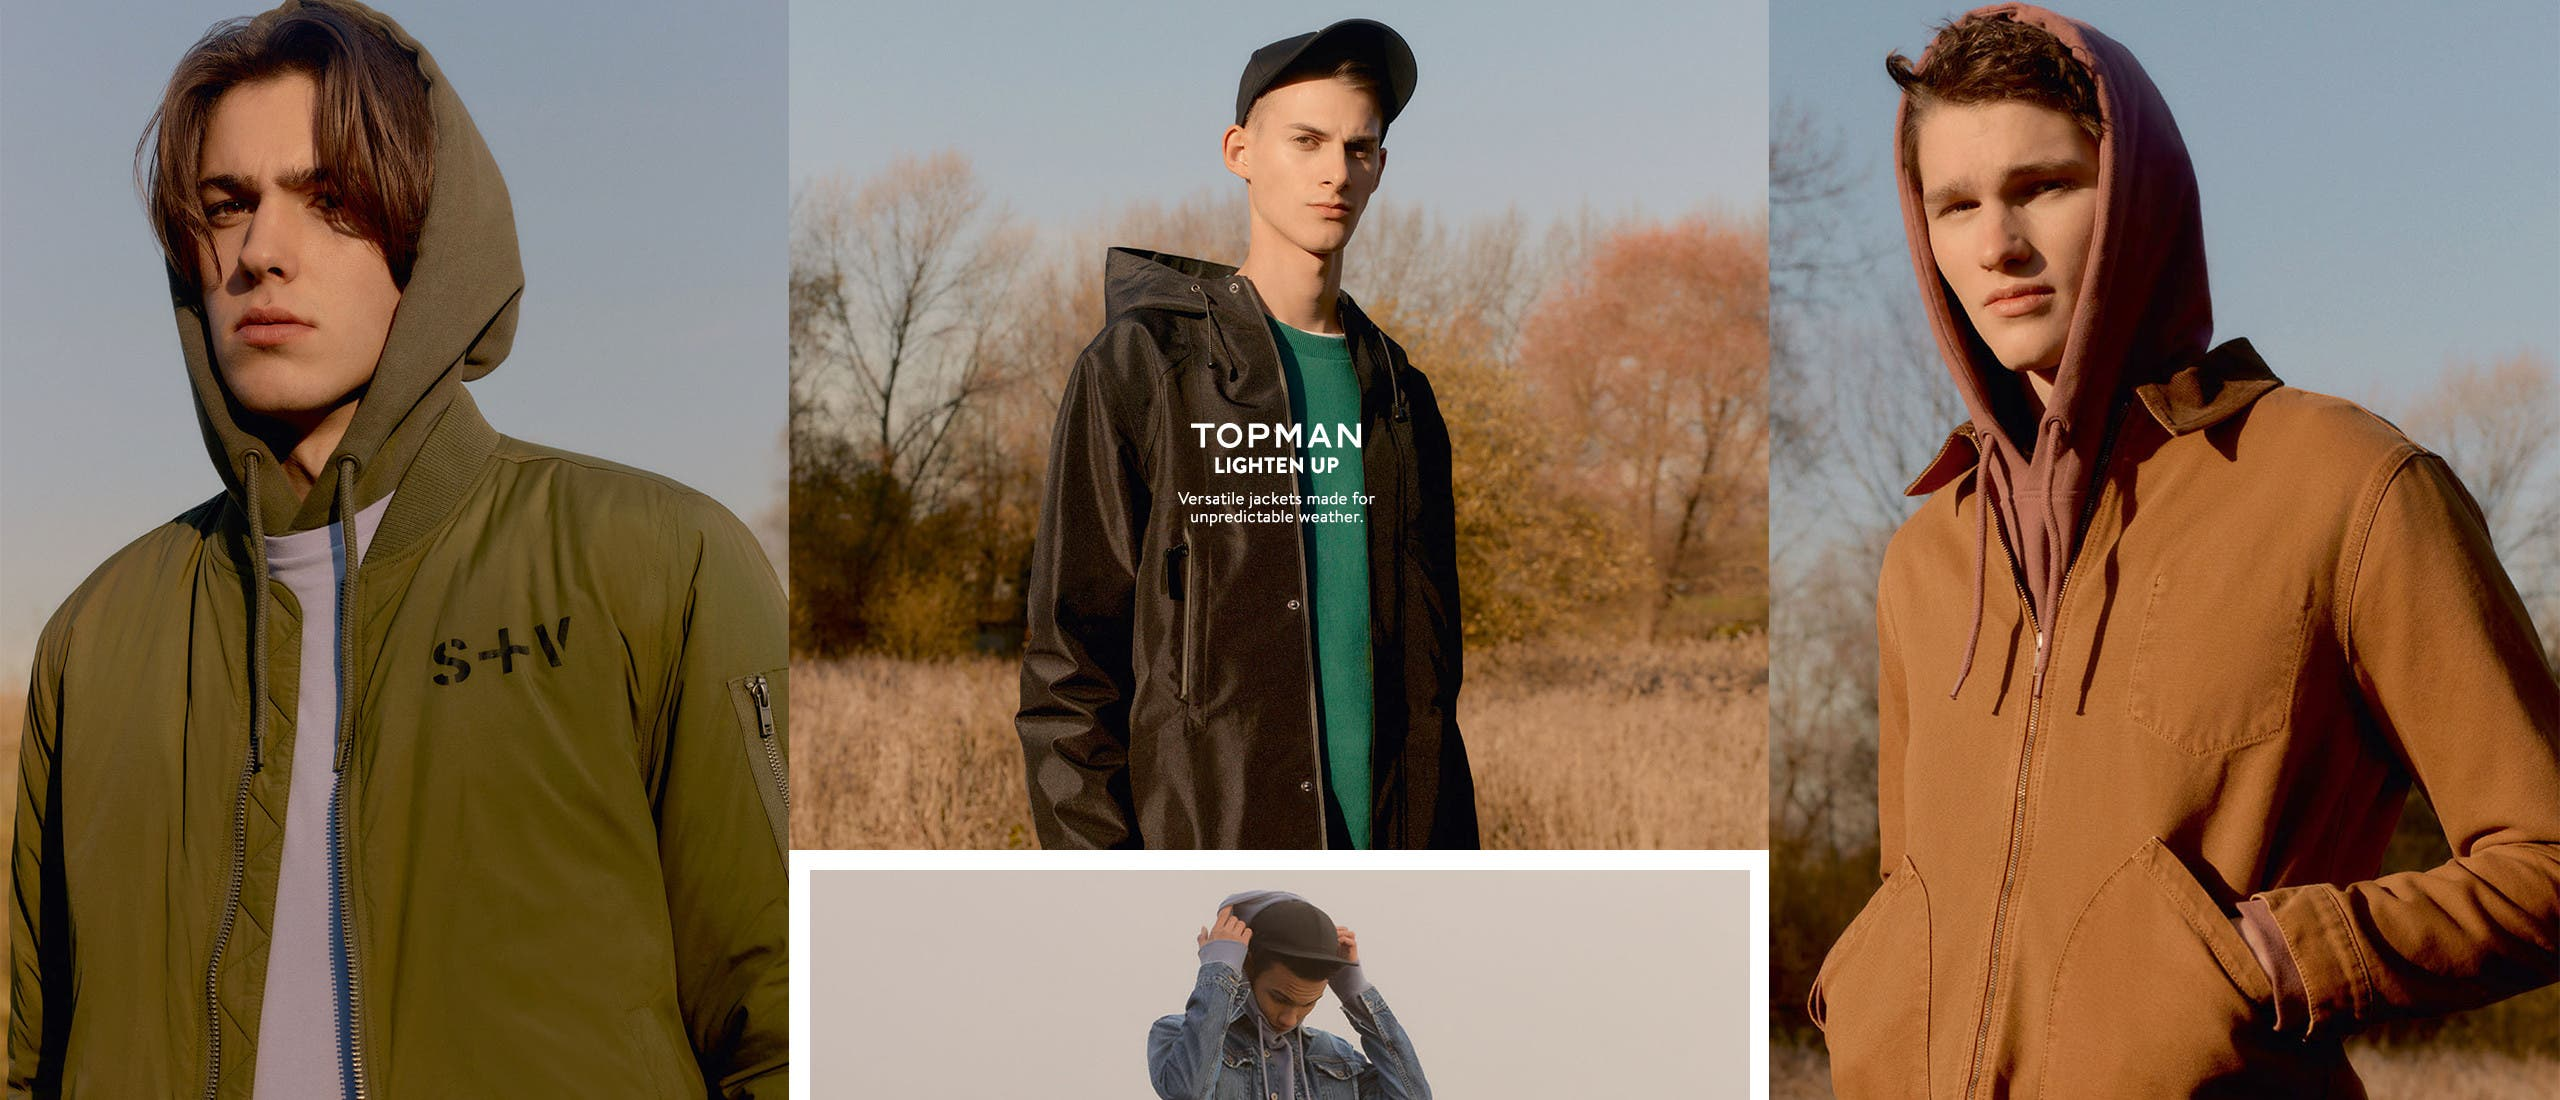 Lighten up: versatile jackets for unpredictable weather.